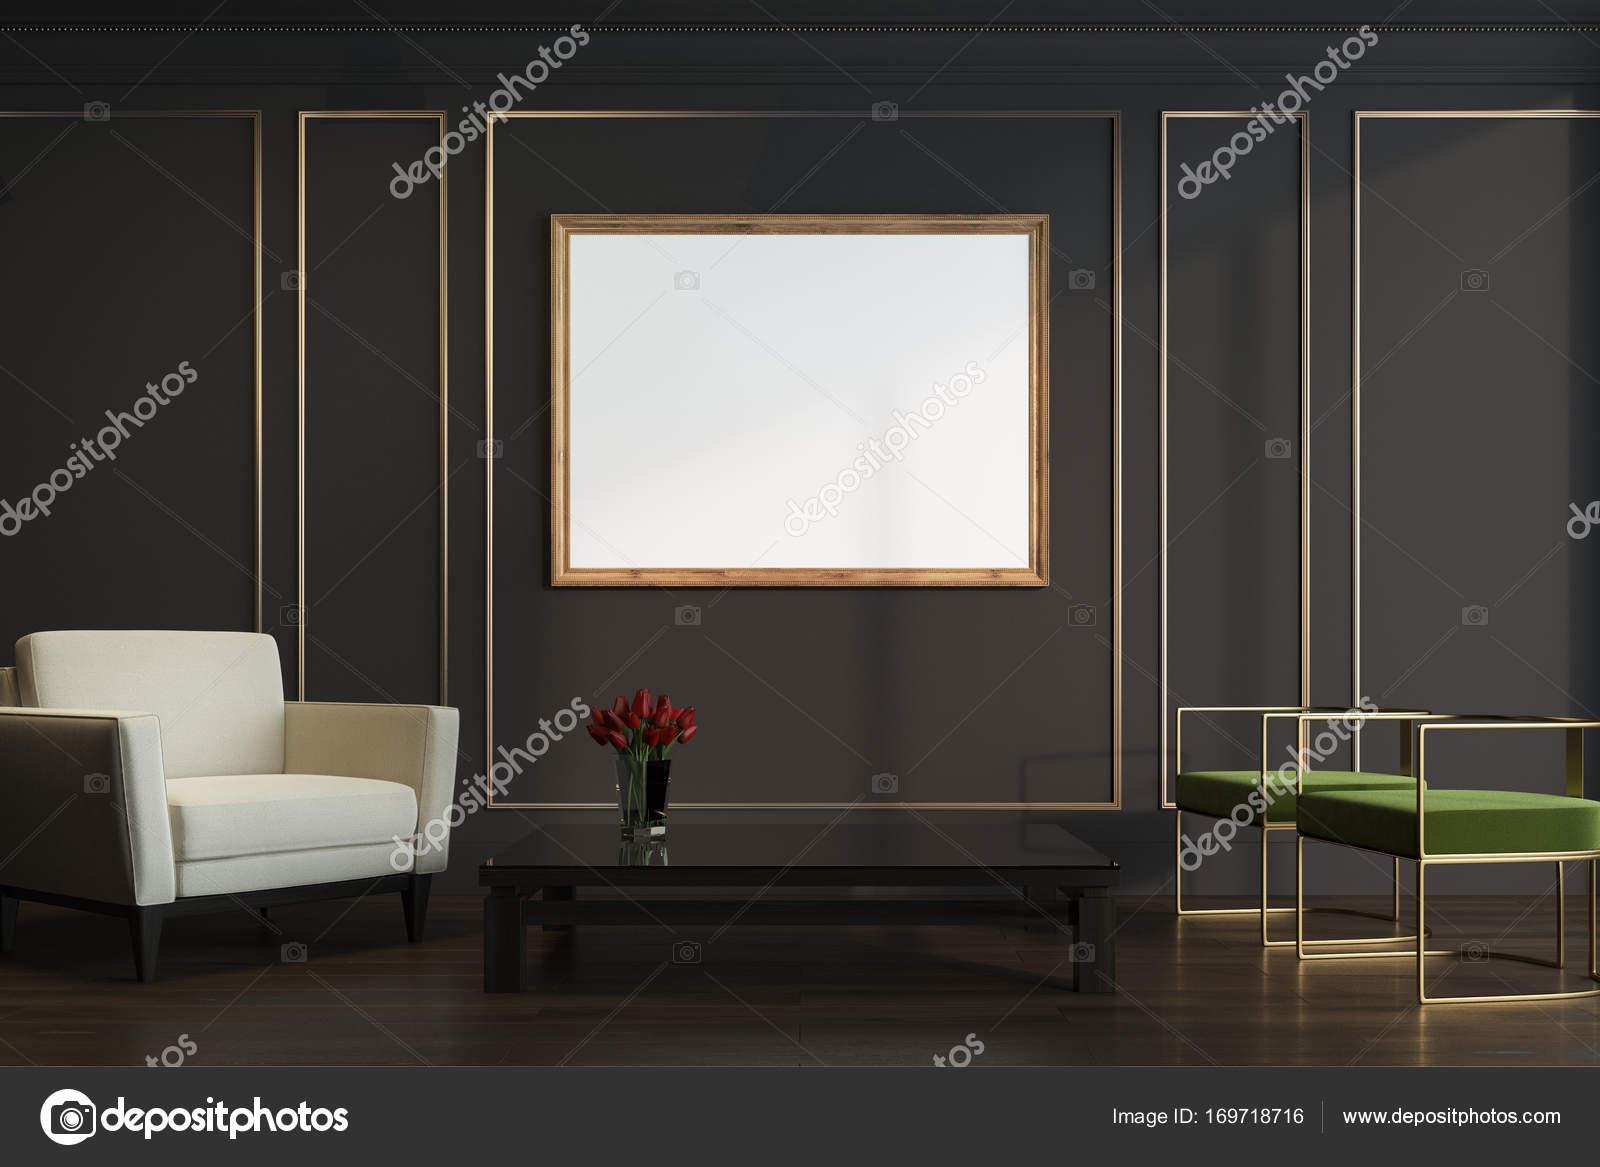 Schwarz Und Gold, Wohnzimmer, Sessel, Plakat U2014 Stockfoto